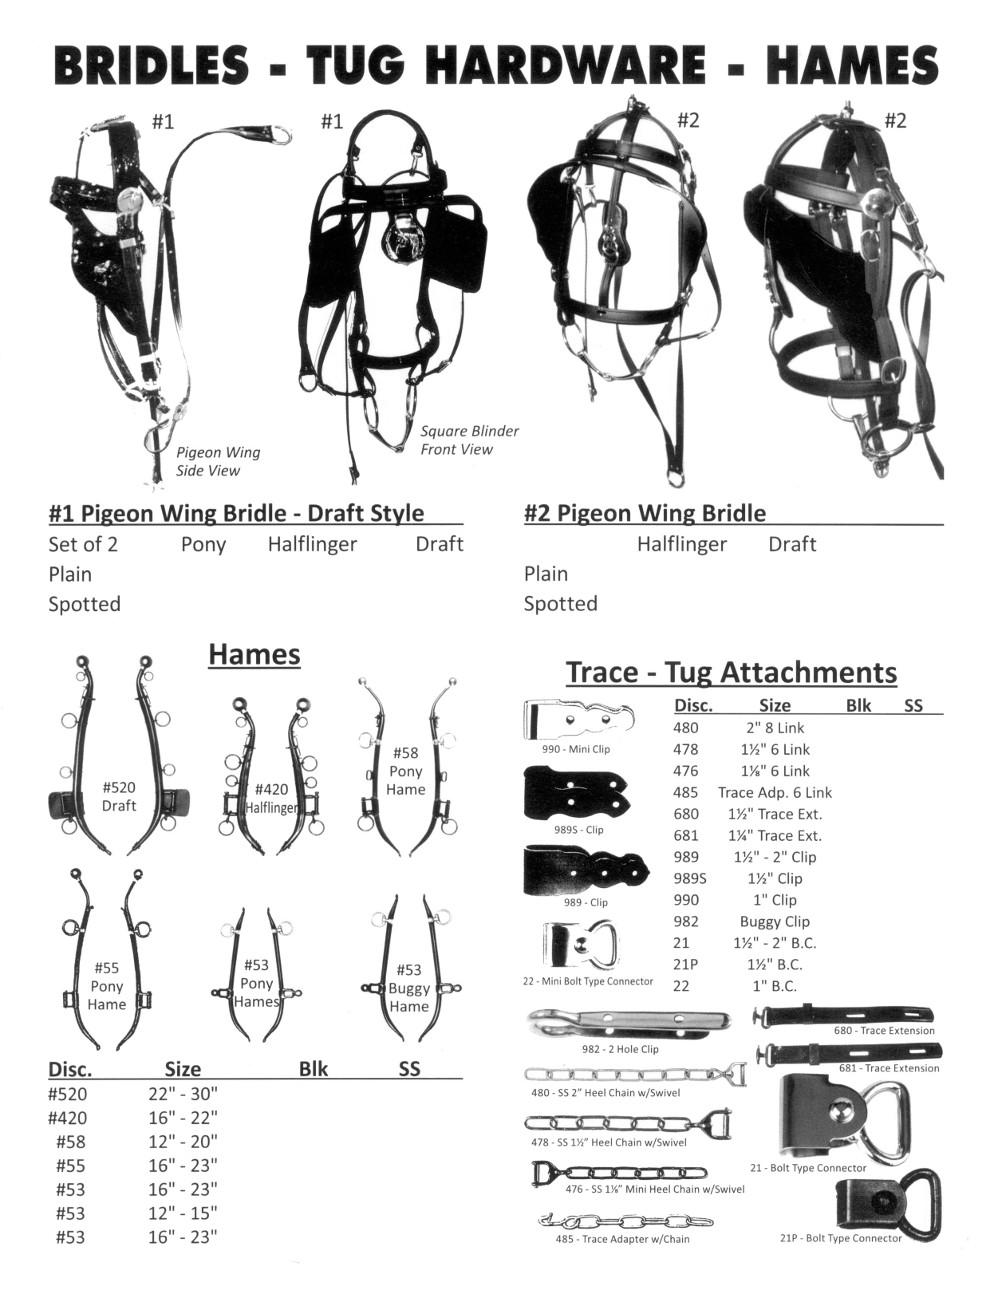 Bridles, Tug Hardware, and Hames